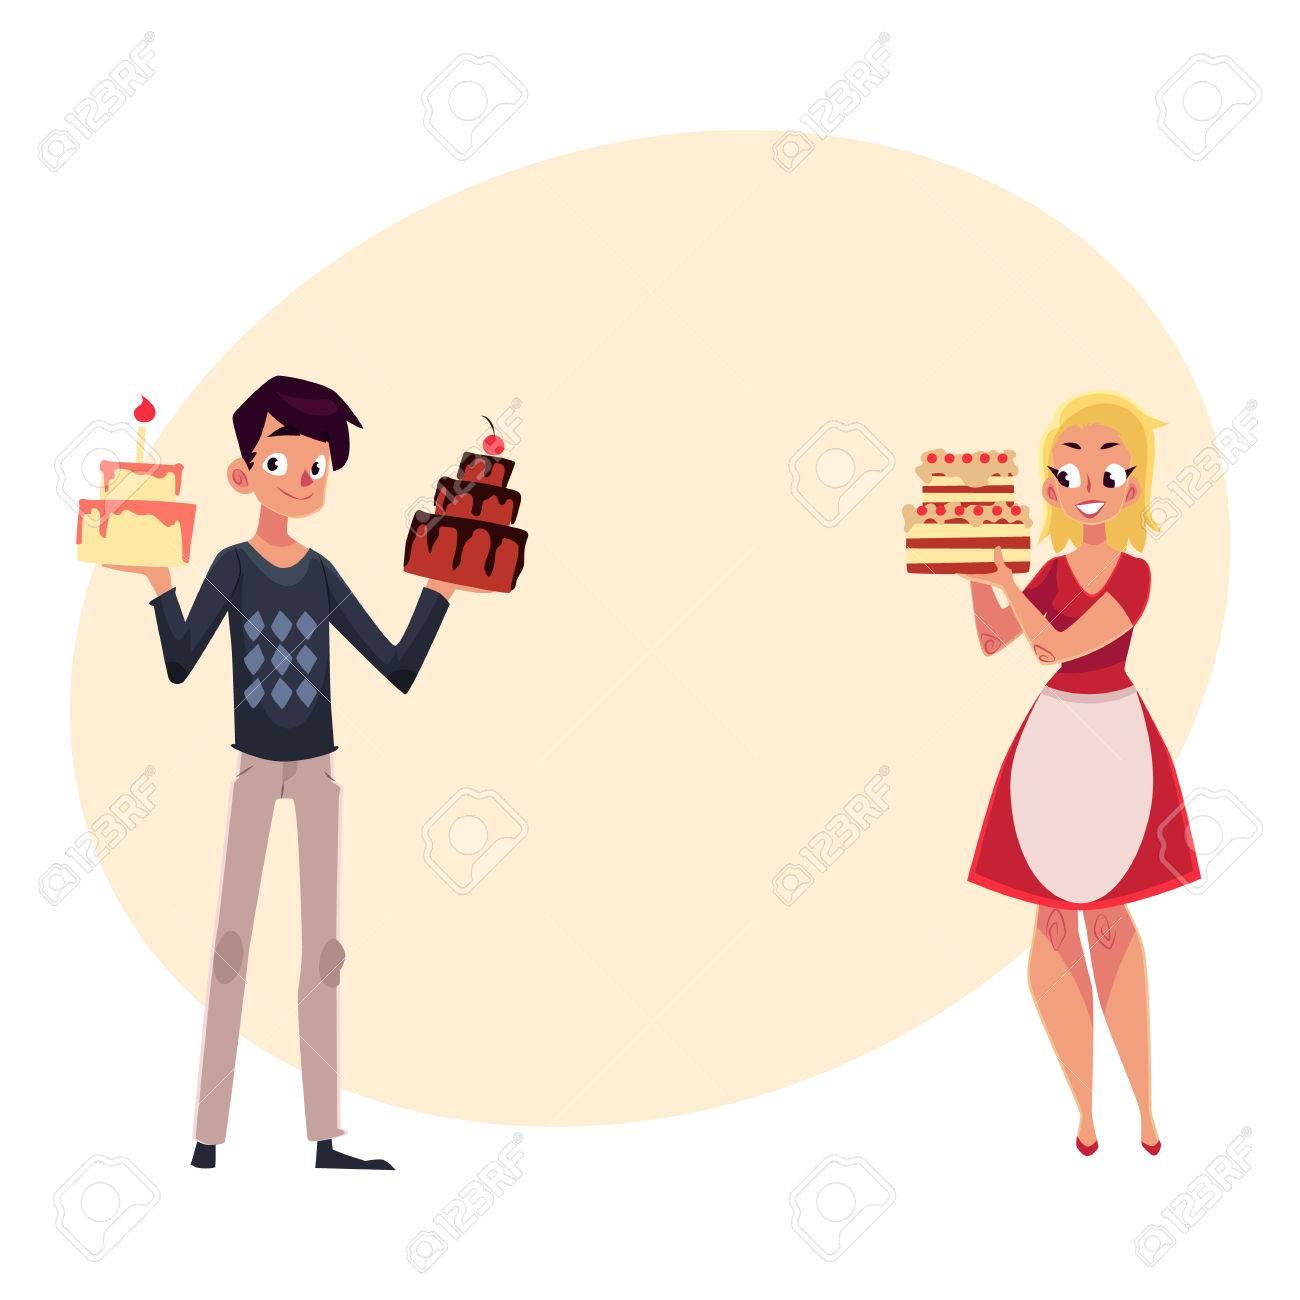 Junges Paar Elternteil Mann Und Frau Mit Geburtstagskuchen Immer